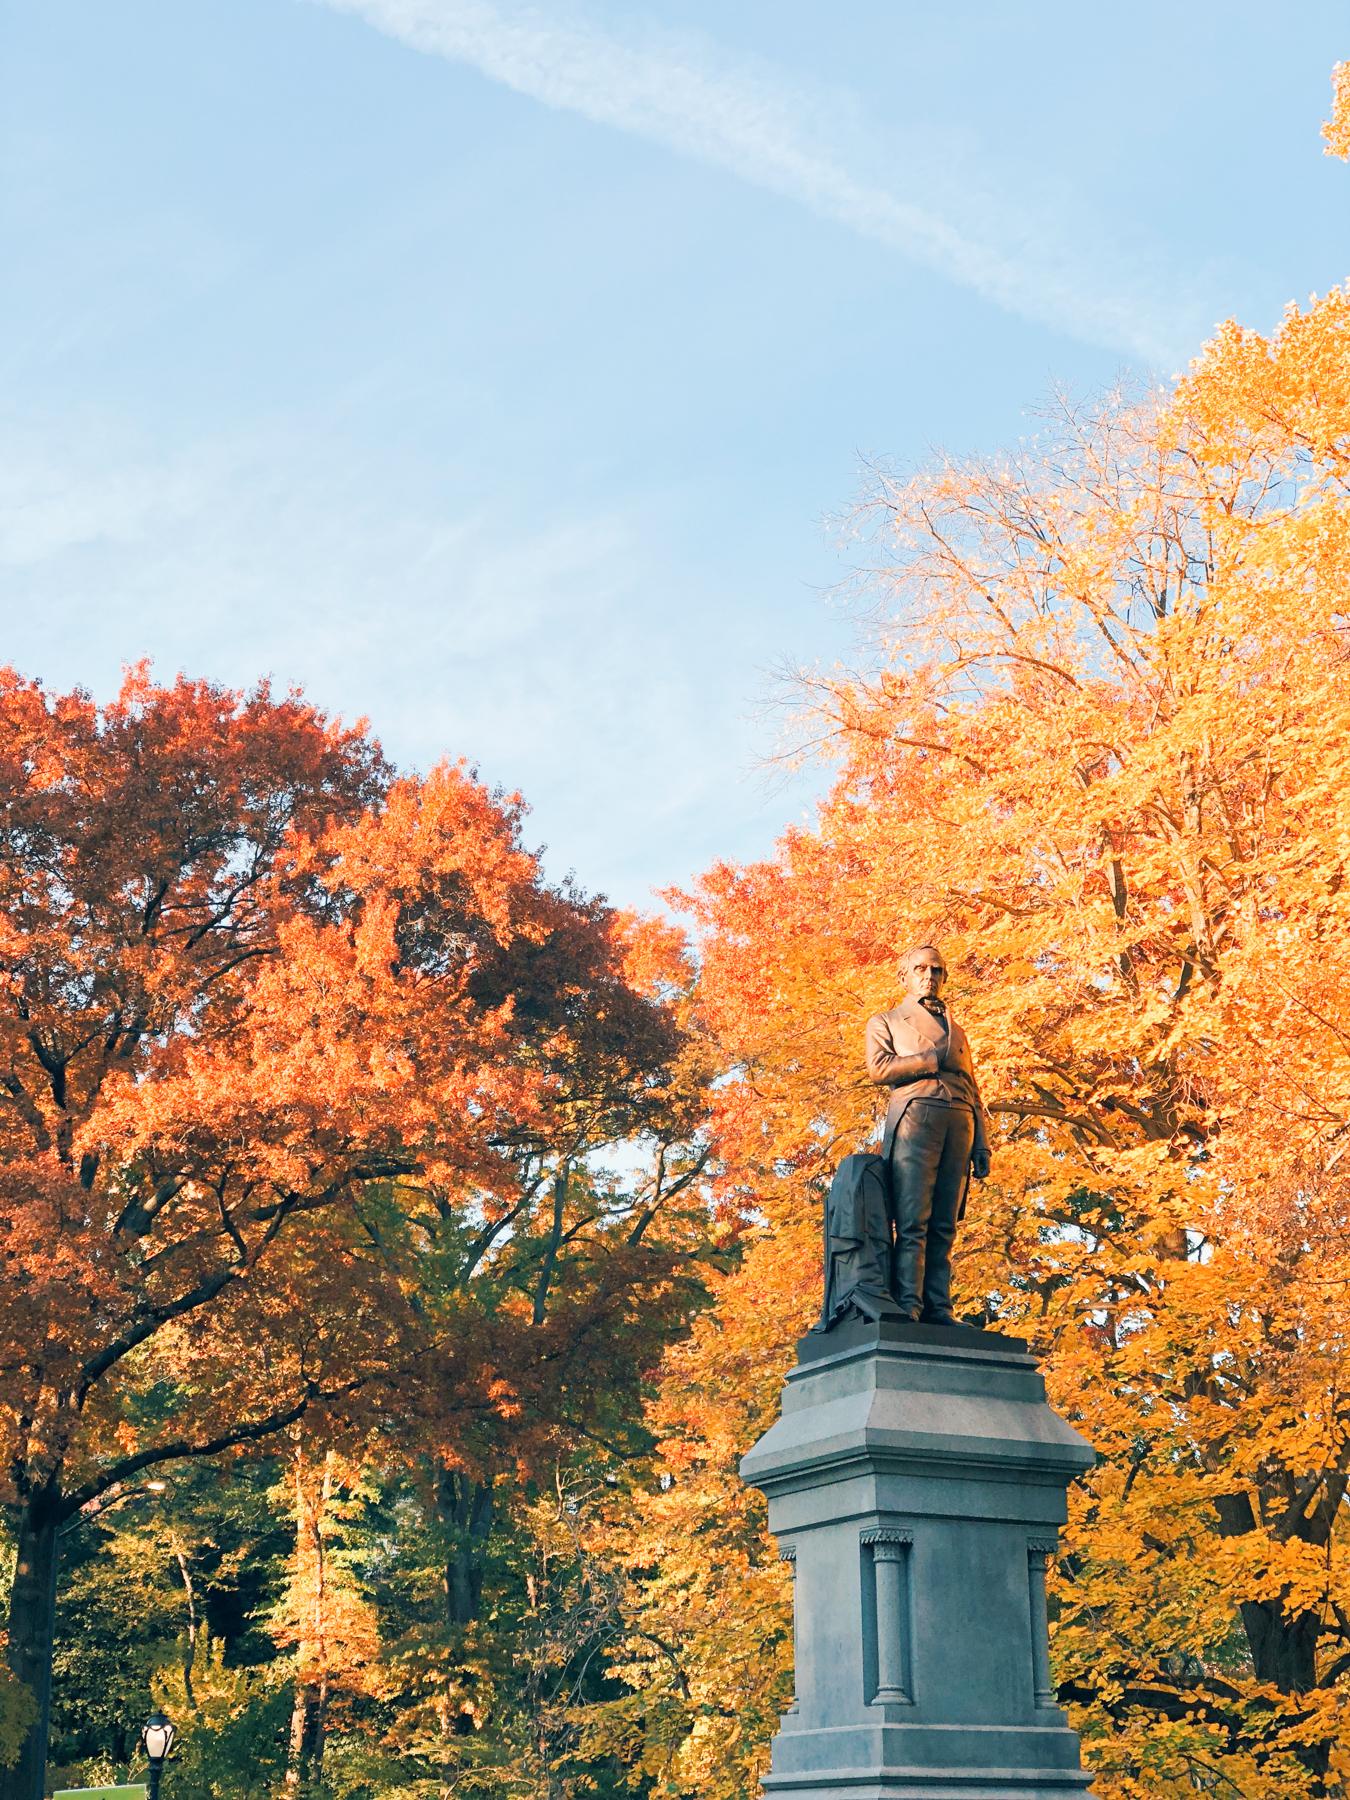 Central Park, Daniel Webster Monument